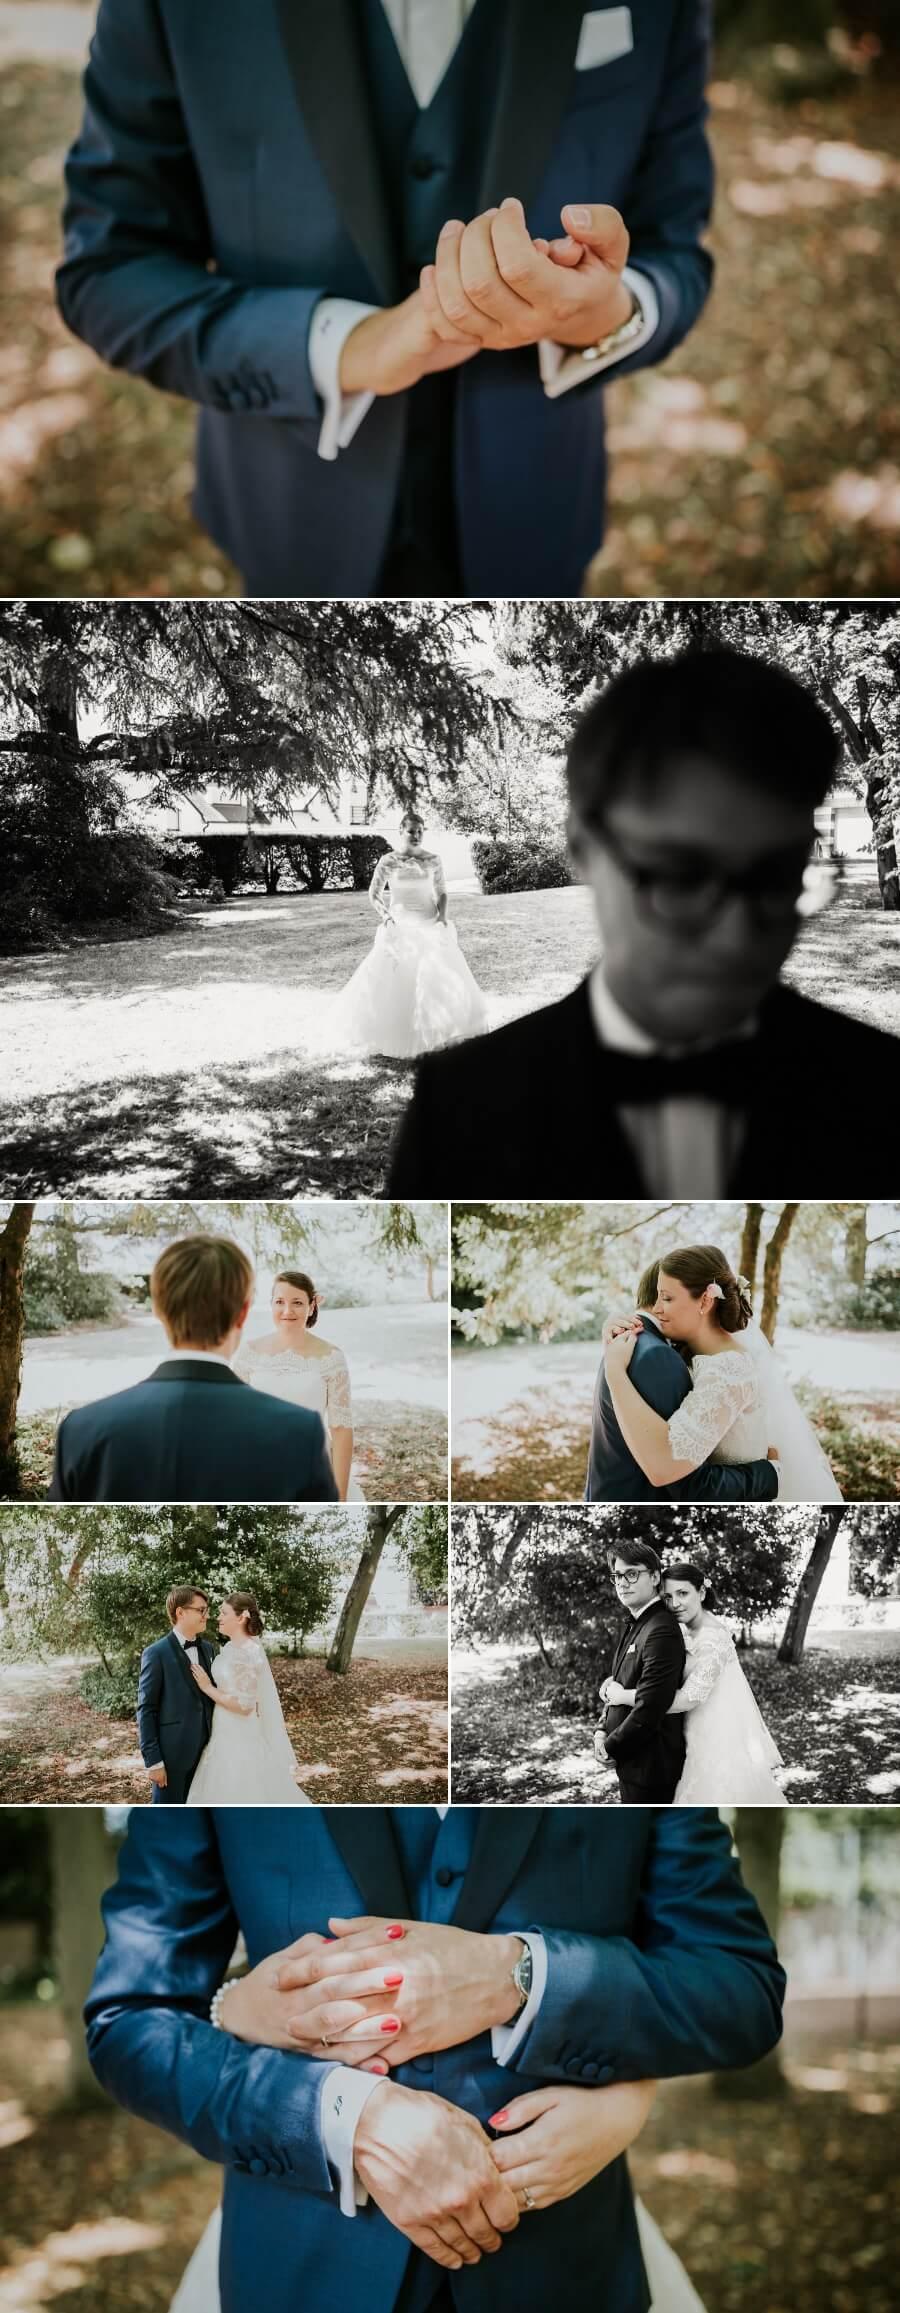 reportage photos de mariage découverte des mariés photographe Eure et Loir